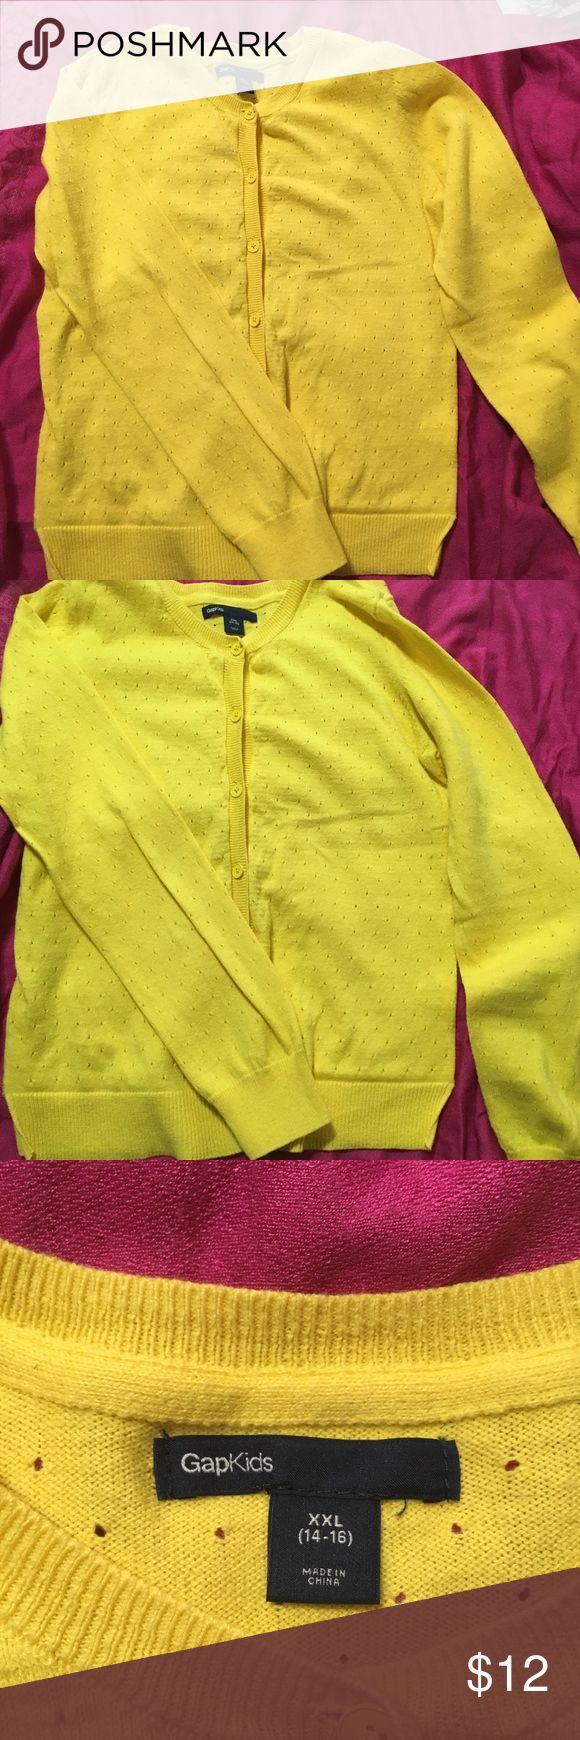 As 25 melhores ideias de Yellow cardigan sweater no Pinterest